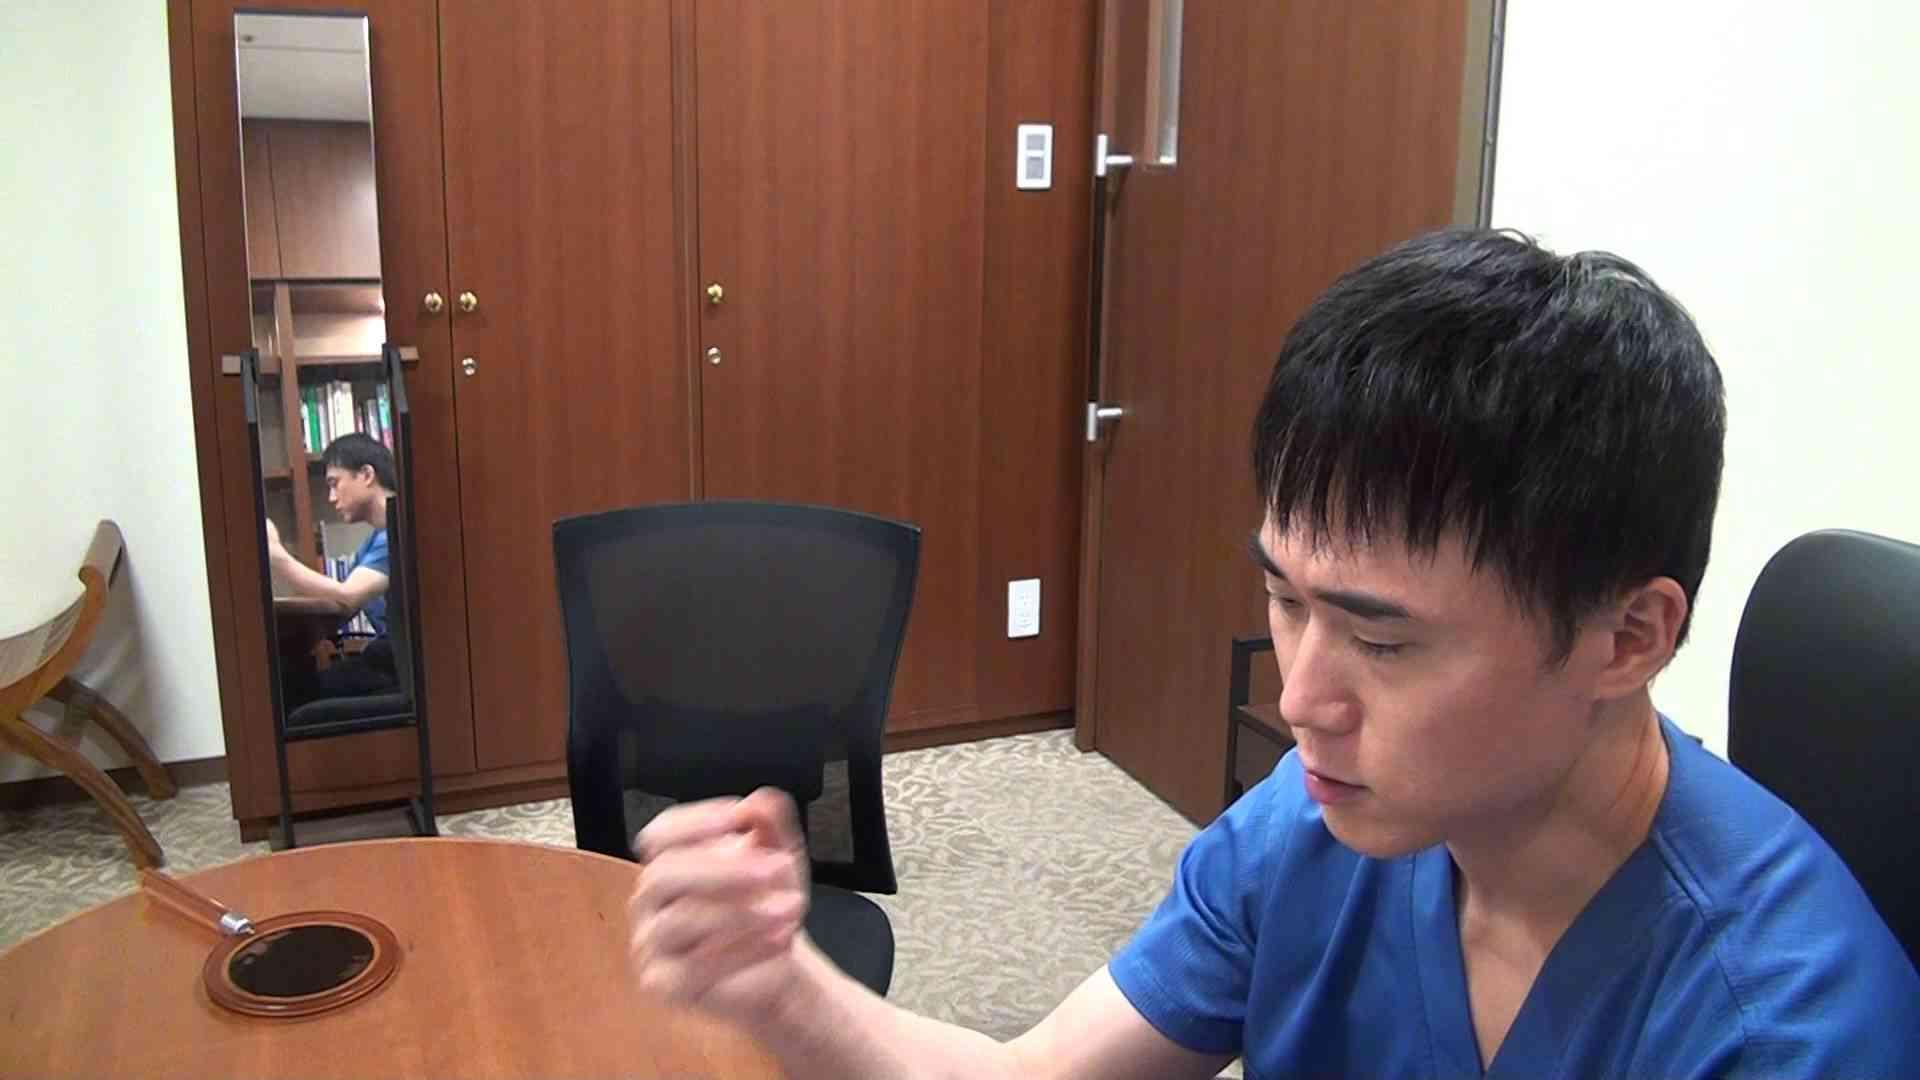 自分の顔が死ぬほど嫌いです!もっと整形したいです!先生助けてください! 高須クリニック高須幹弥が動画で解説 - YouTube